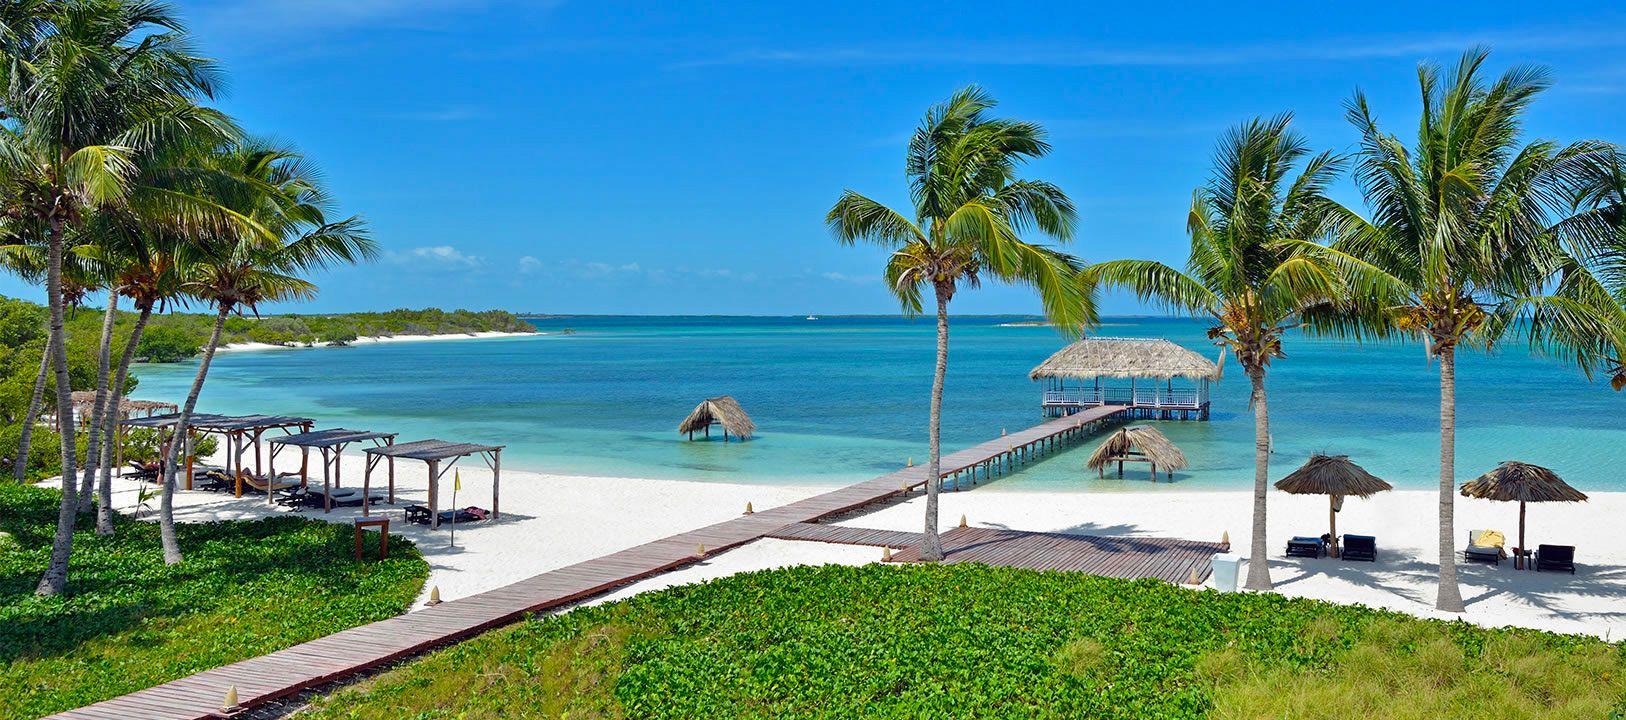 Beach View Hotel Melia Buenavista In